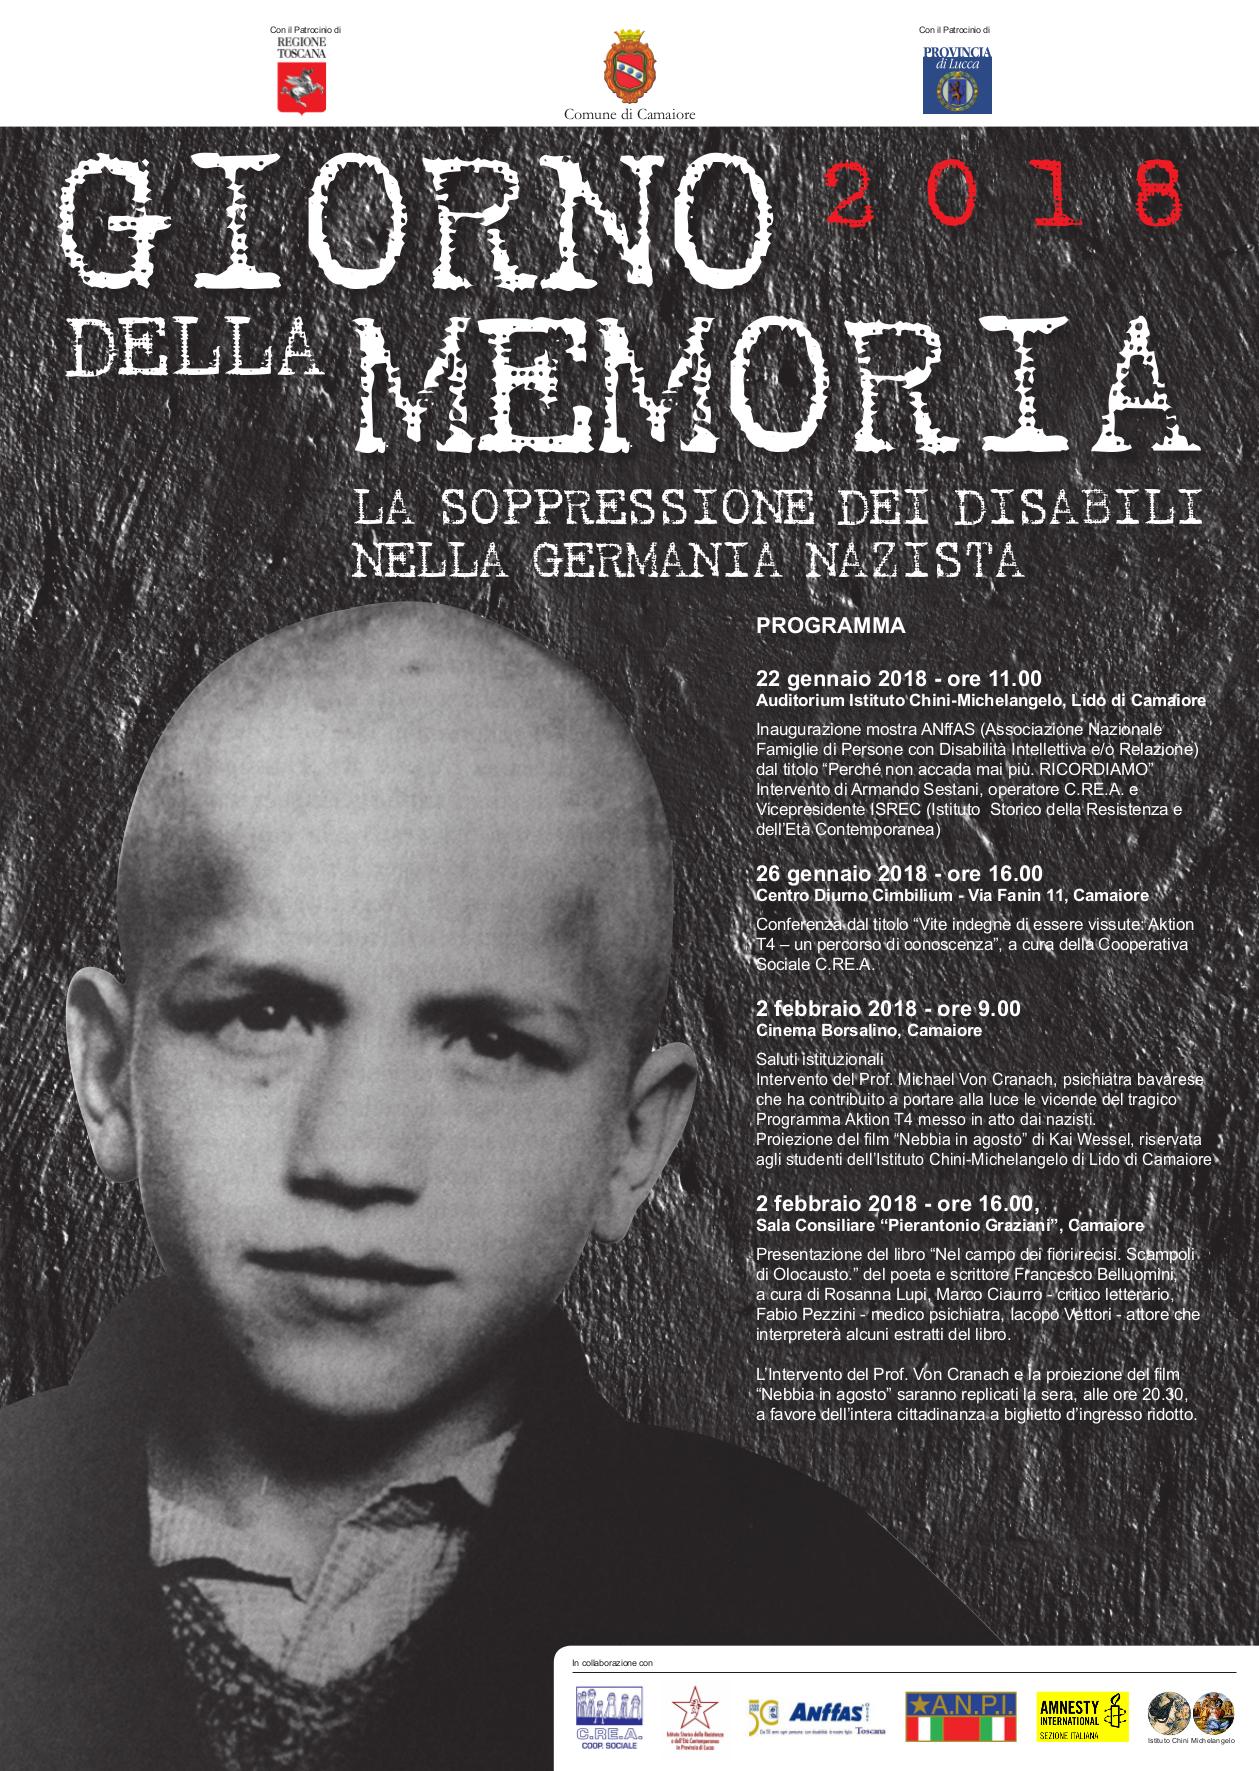 Giorno della Memoria 2018 - La soppressione dei disabili nella Germania nazista